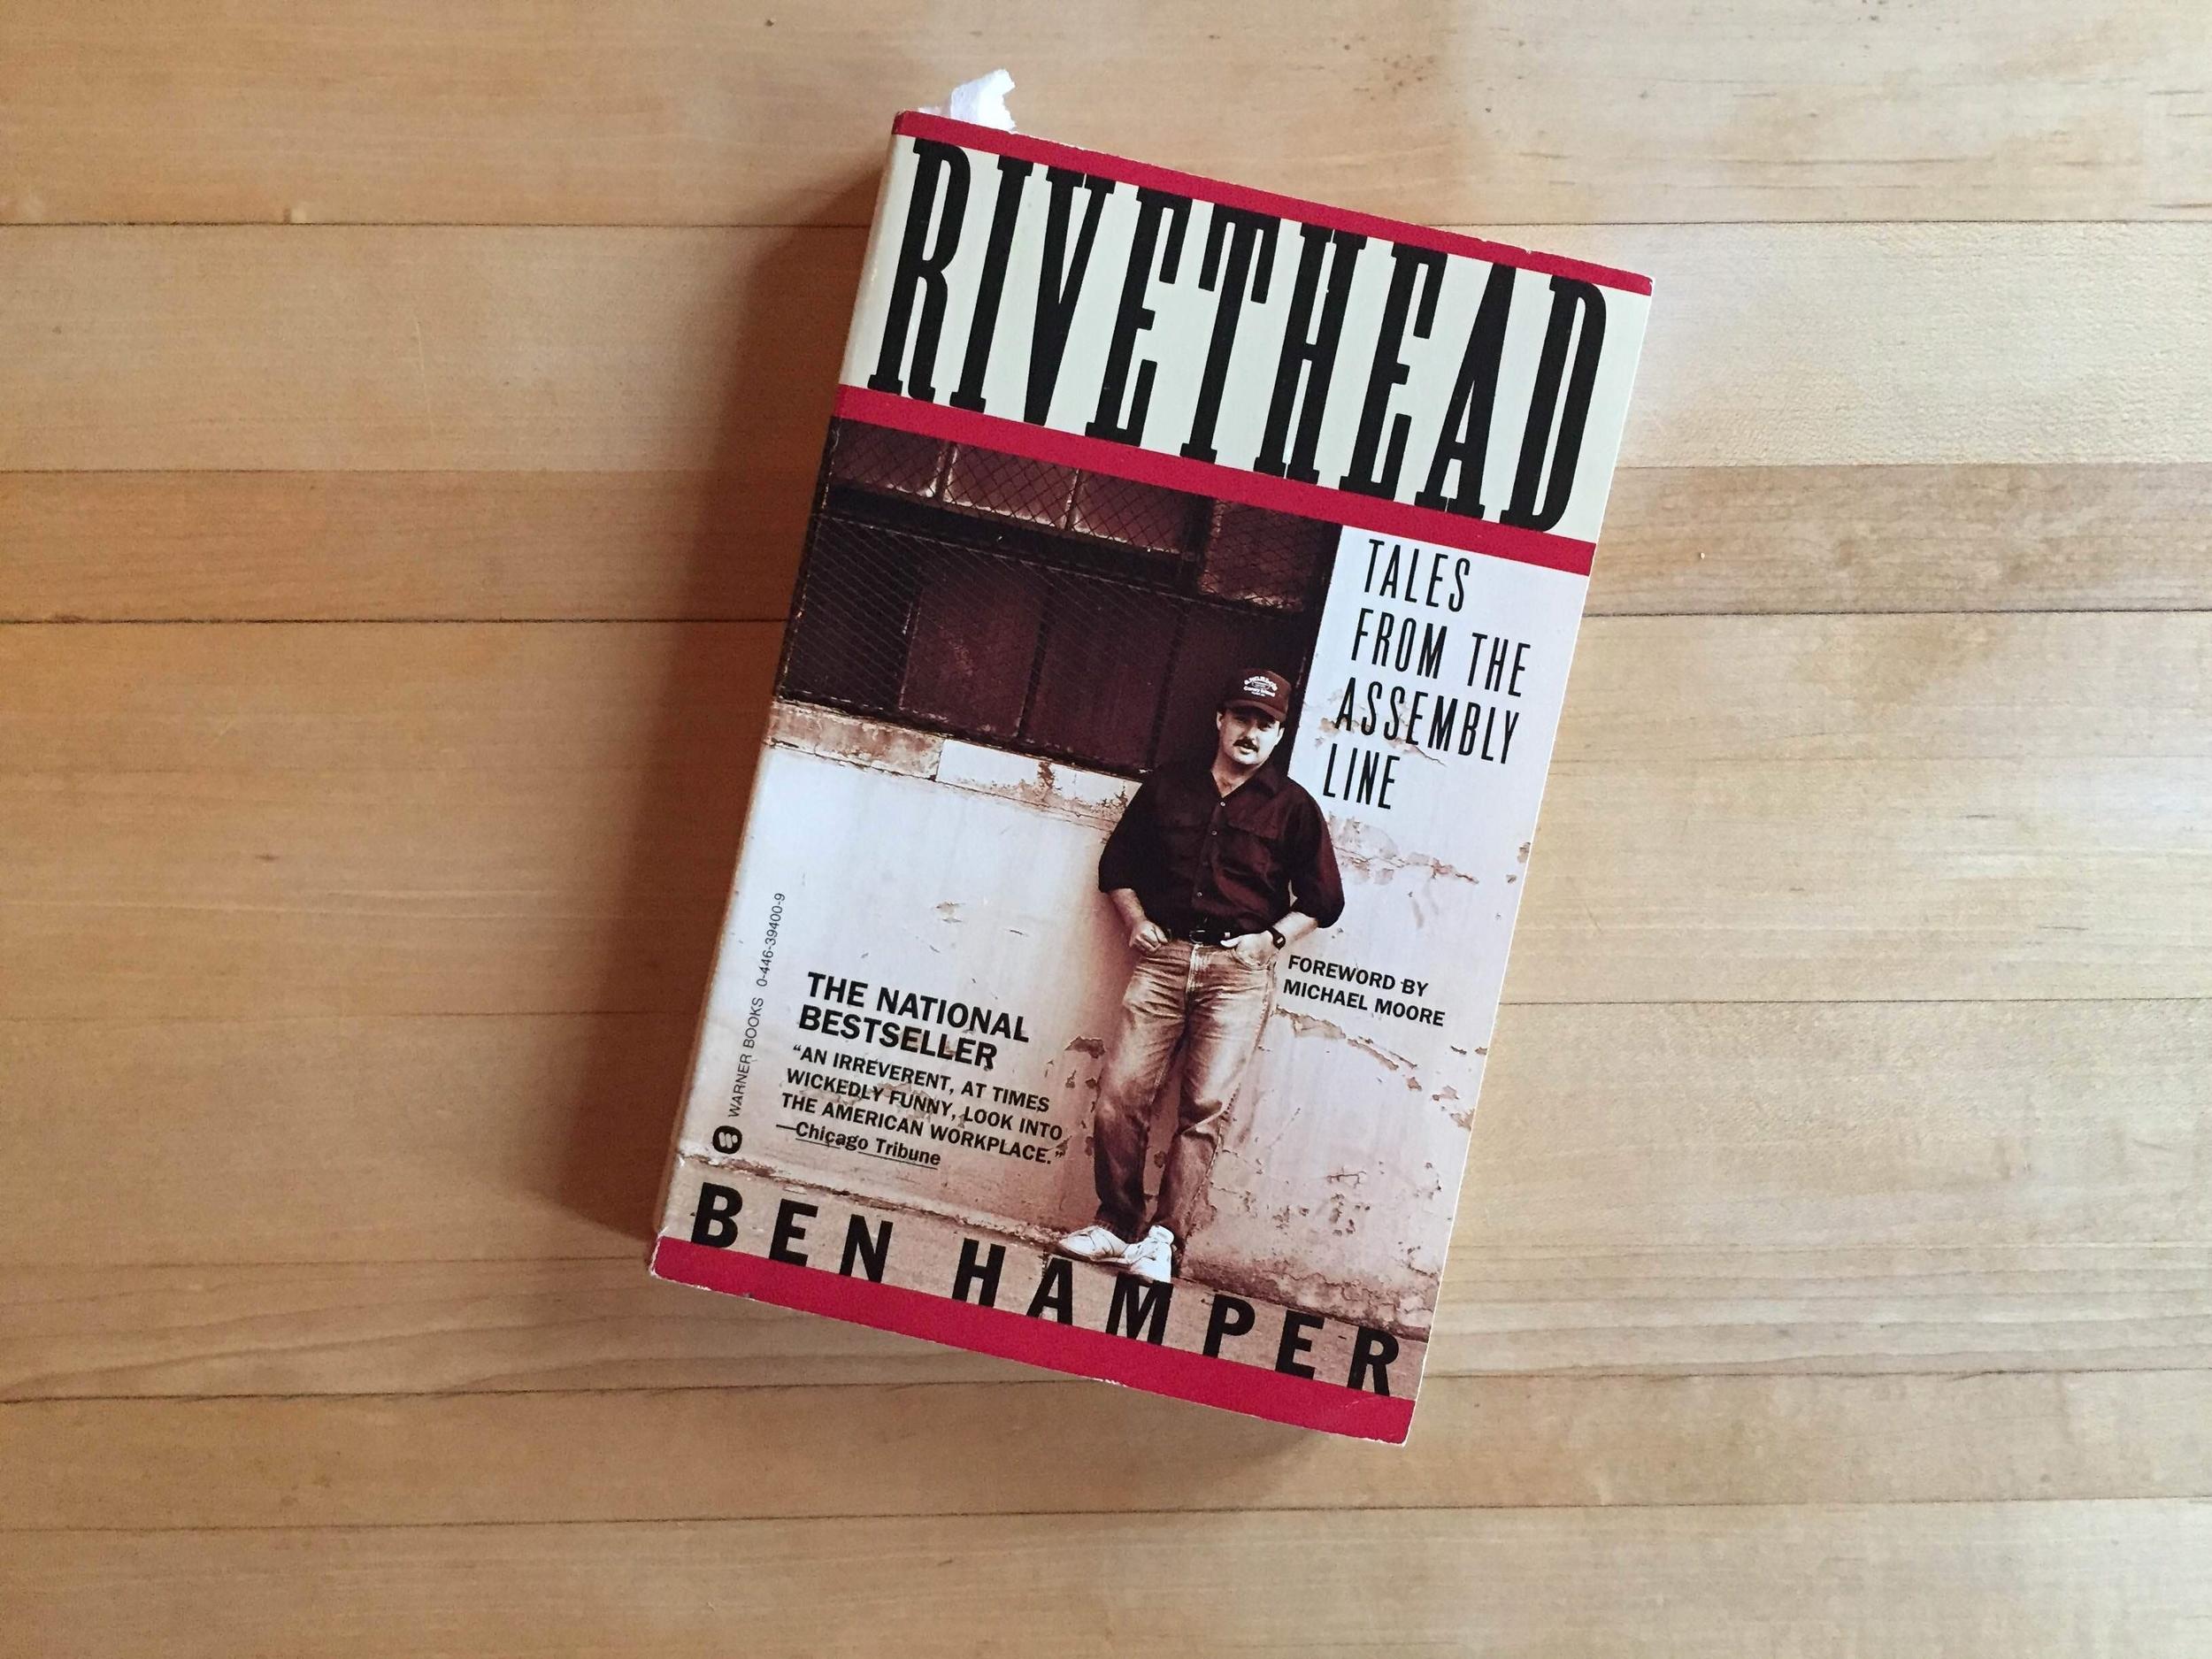 ben hamper rivethead essays Paper topic 3 hamper due 518 using ben hampers rivethead write an essay that from hist 162-01 at csu sacramento.